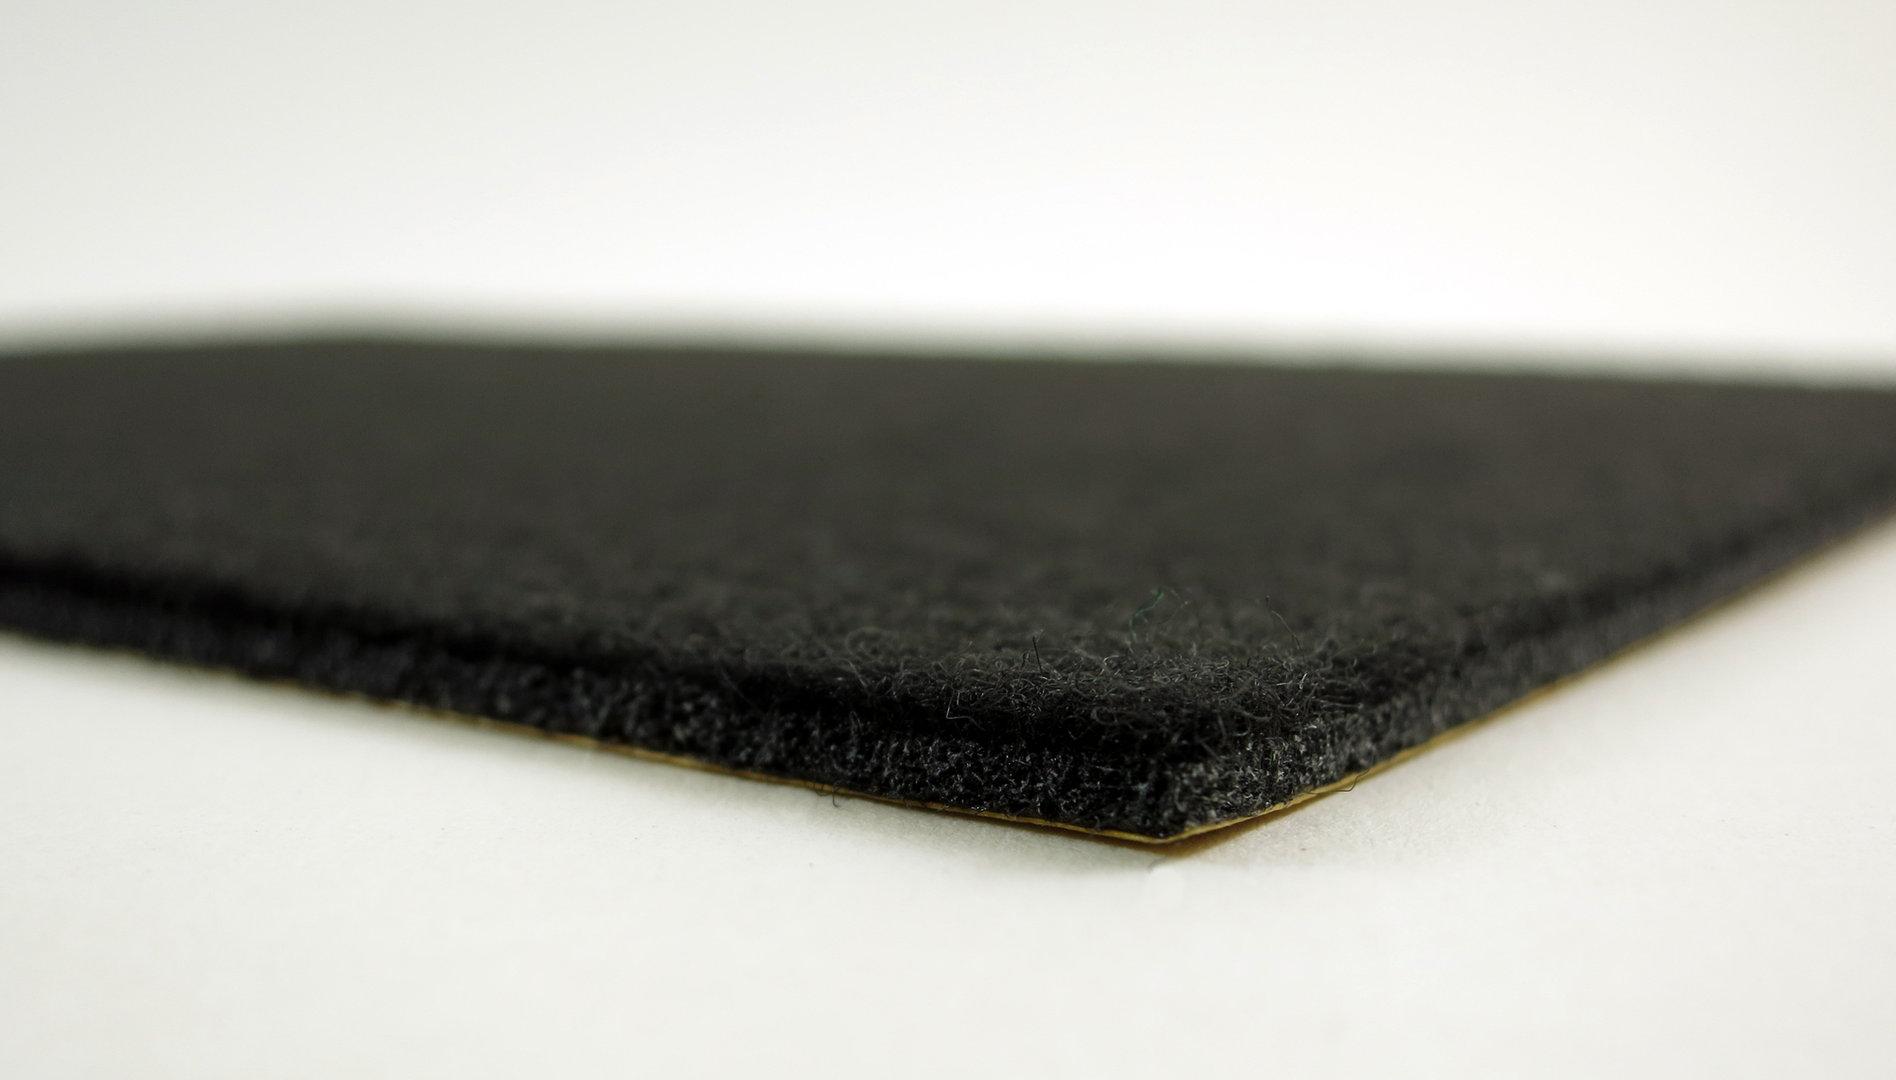 AKTIONSARTIKEL - Filzplatte 13x30cm selbstklebend - 3mm dick   schwarz, anthrazit, braun, weiß